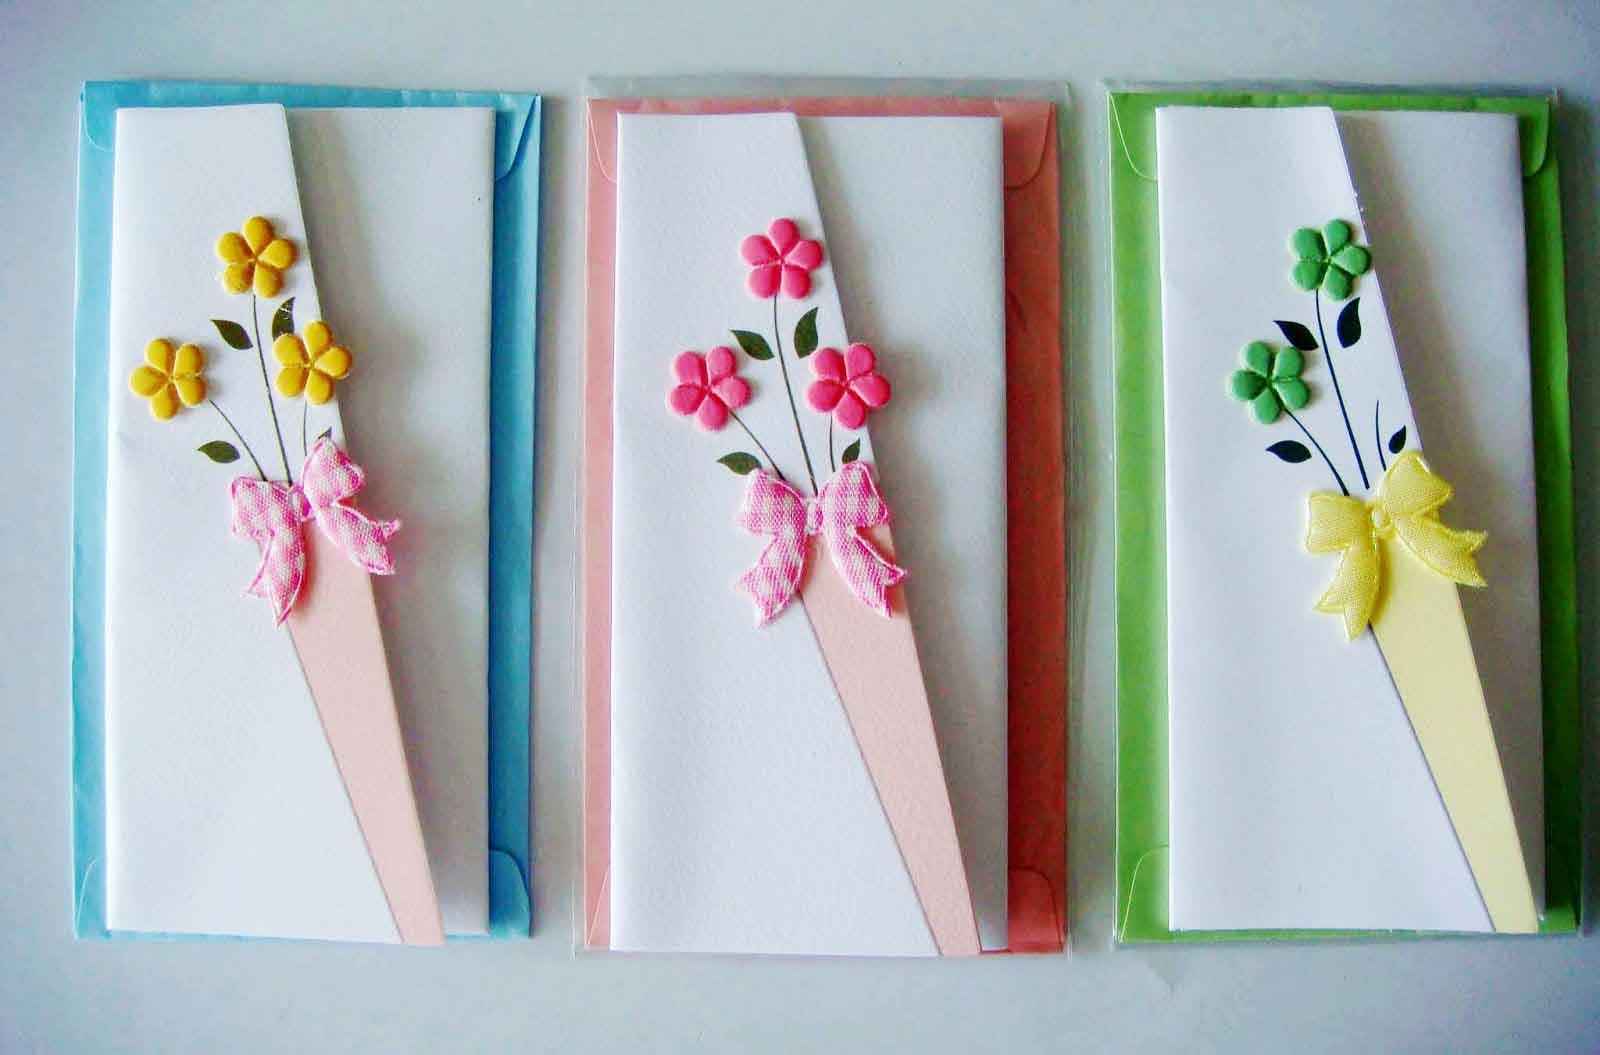 Handmade листівки своїми руками - фото 2